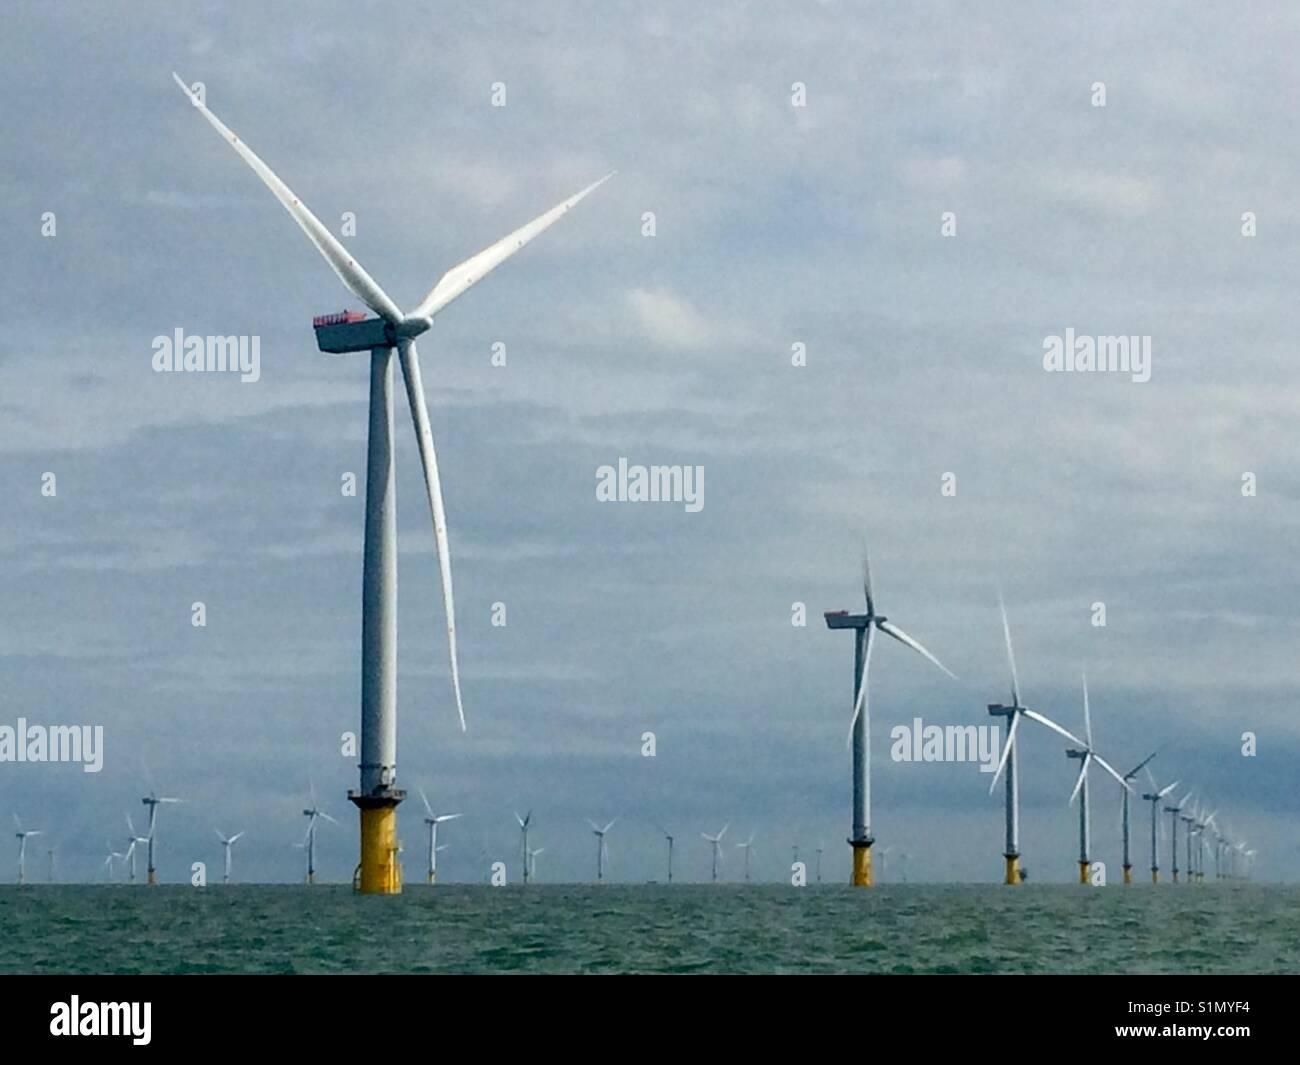 Wind Turbines on a wind farm - Stock Image